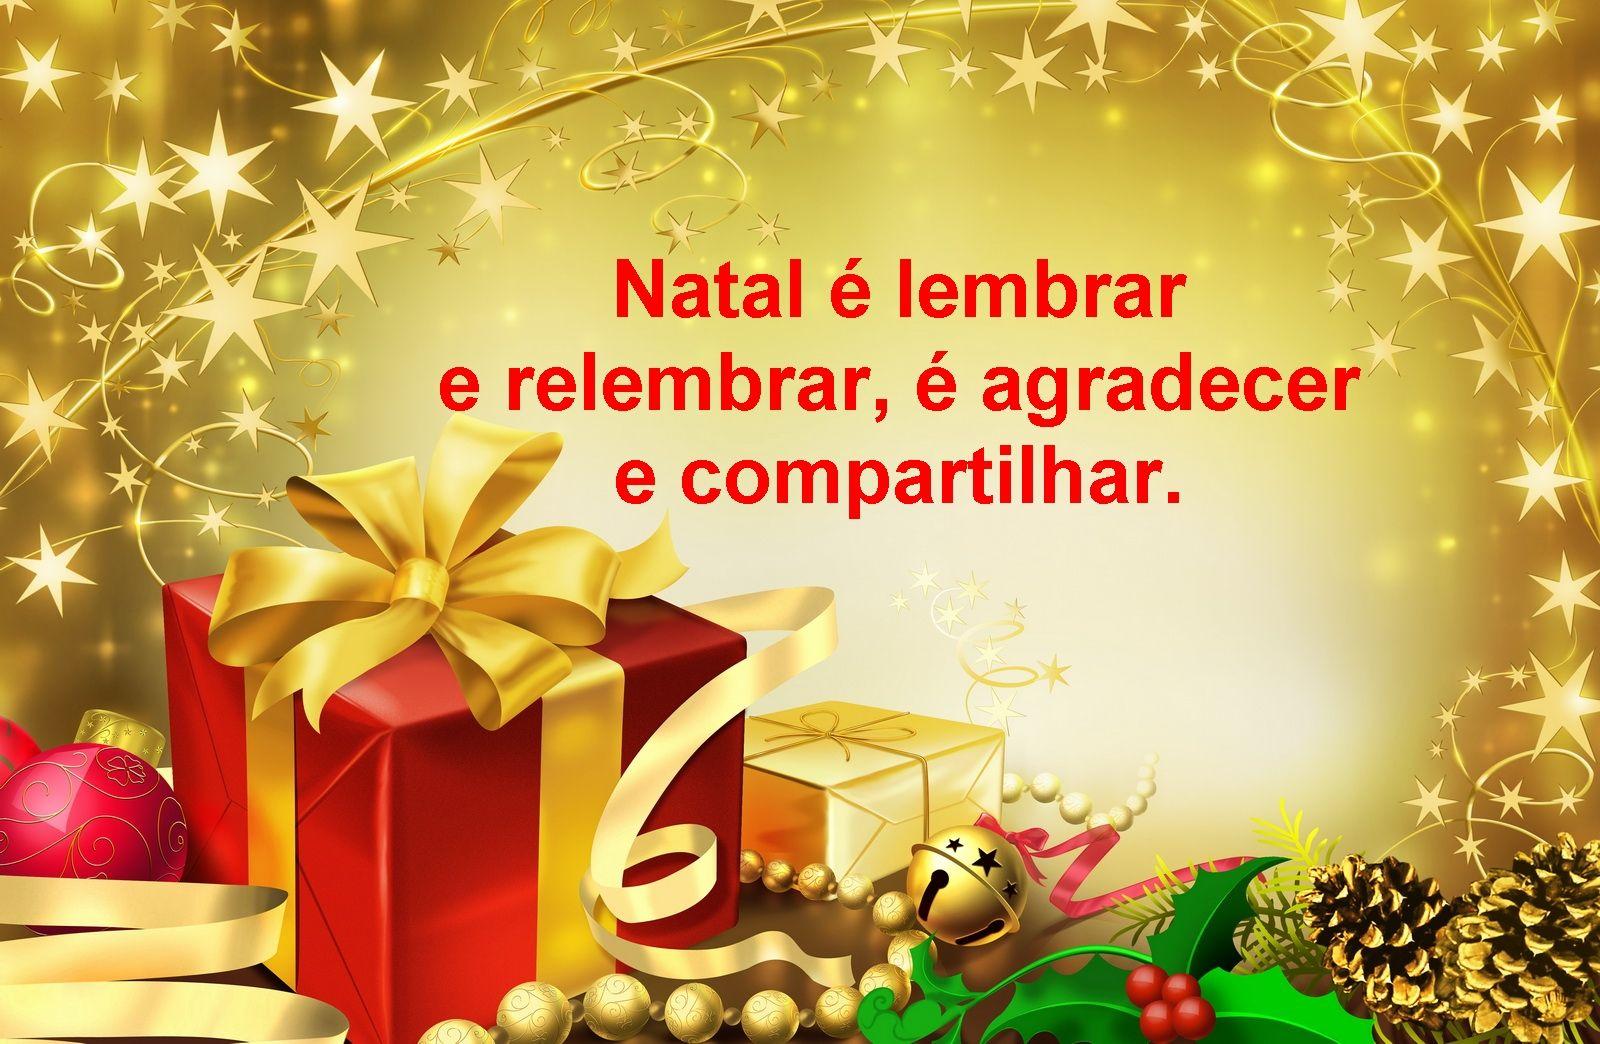 Natal Lembrar E Relembrar Agradecer E Compartilhar Feliznatal